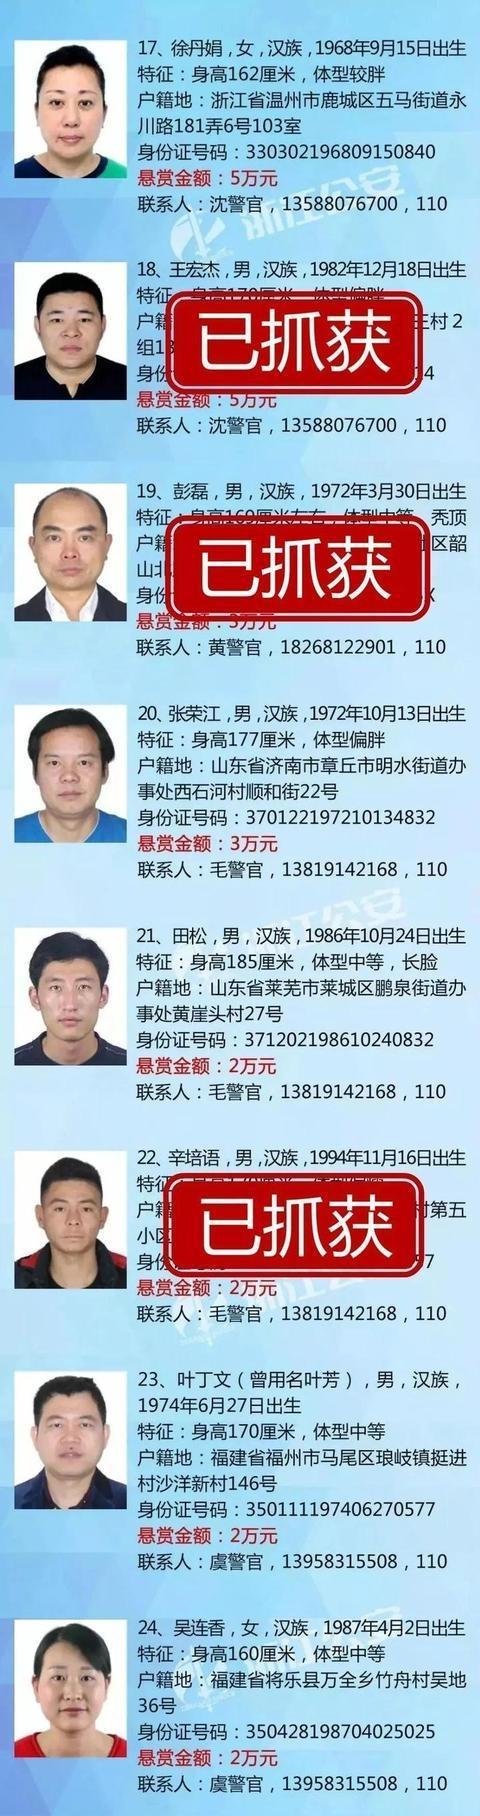 又一名悬赏通缉犯落网 24名悬赏通缉犯已逮捕4人4